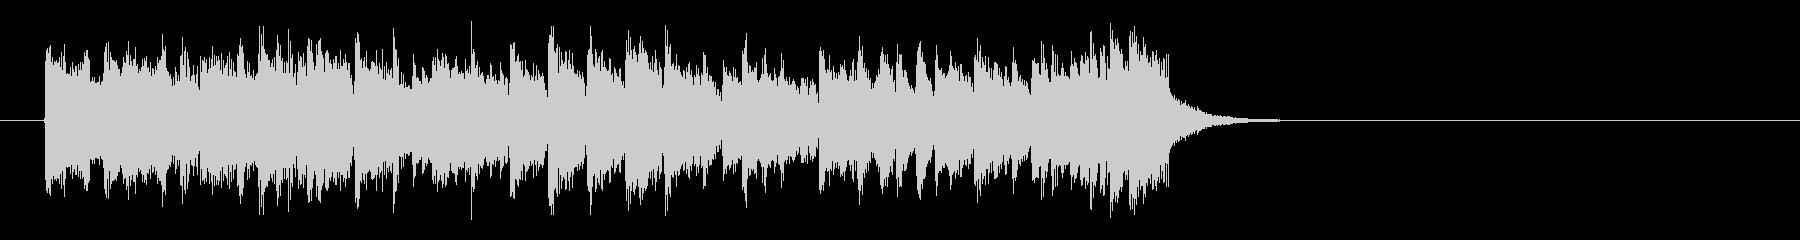 心が弾むOP向けポップス(イントロ)の未再生の波形